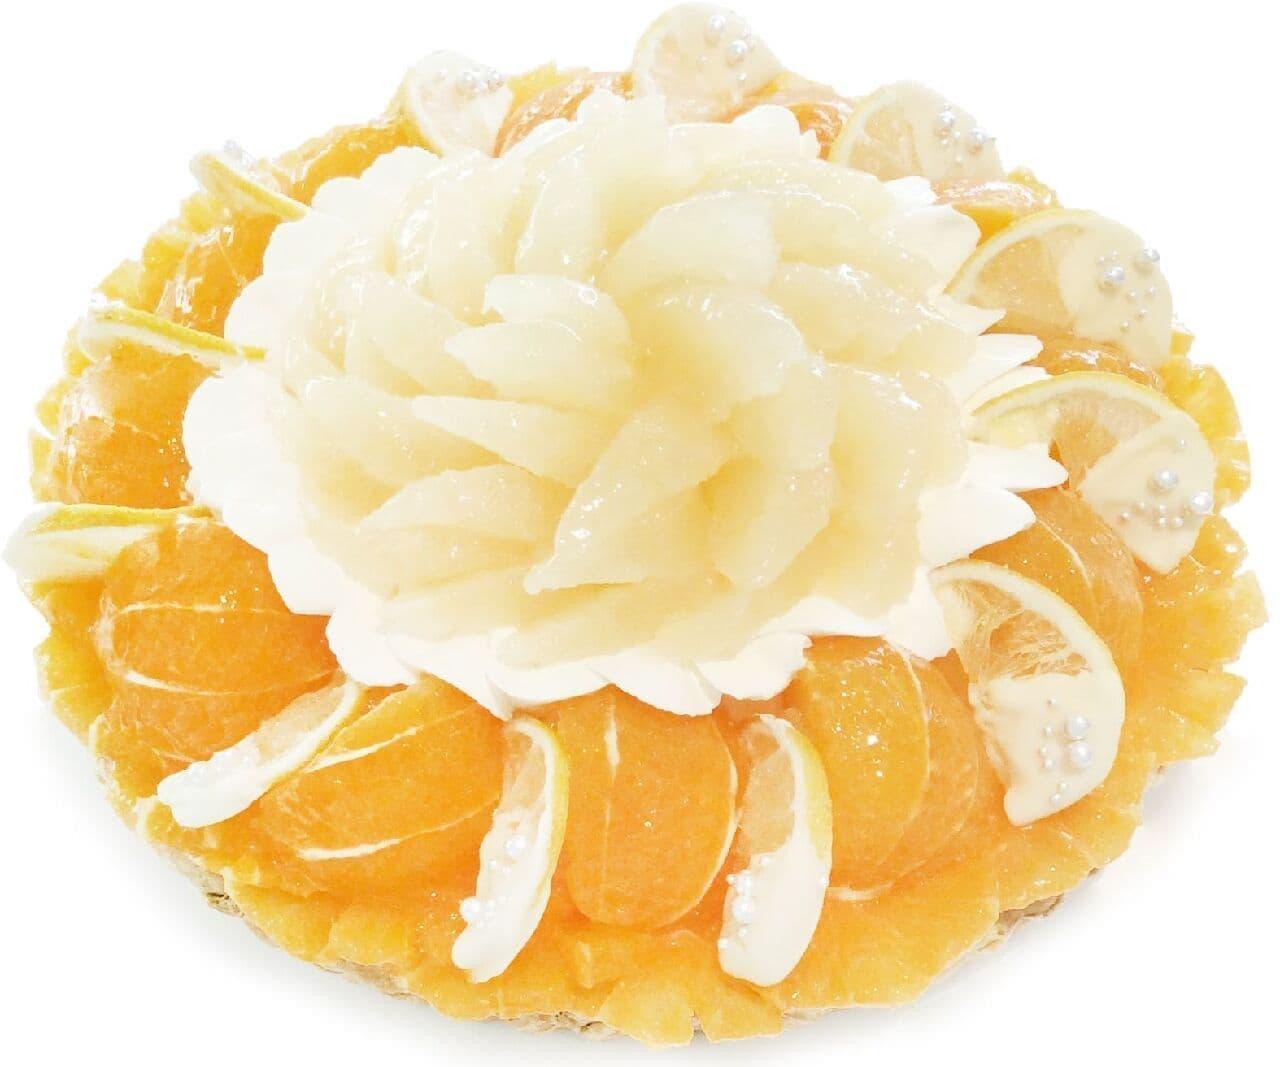 カフェコムサ「愛媛県 宇和島 西谷農園産「清見オレンジ」と宇和ゴールドのケーキ」